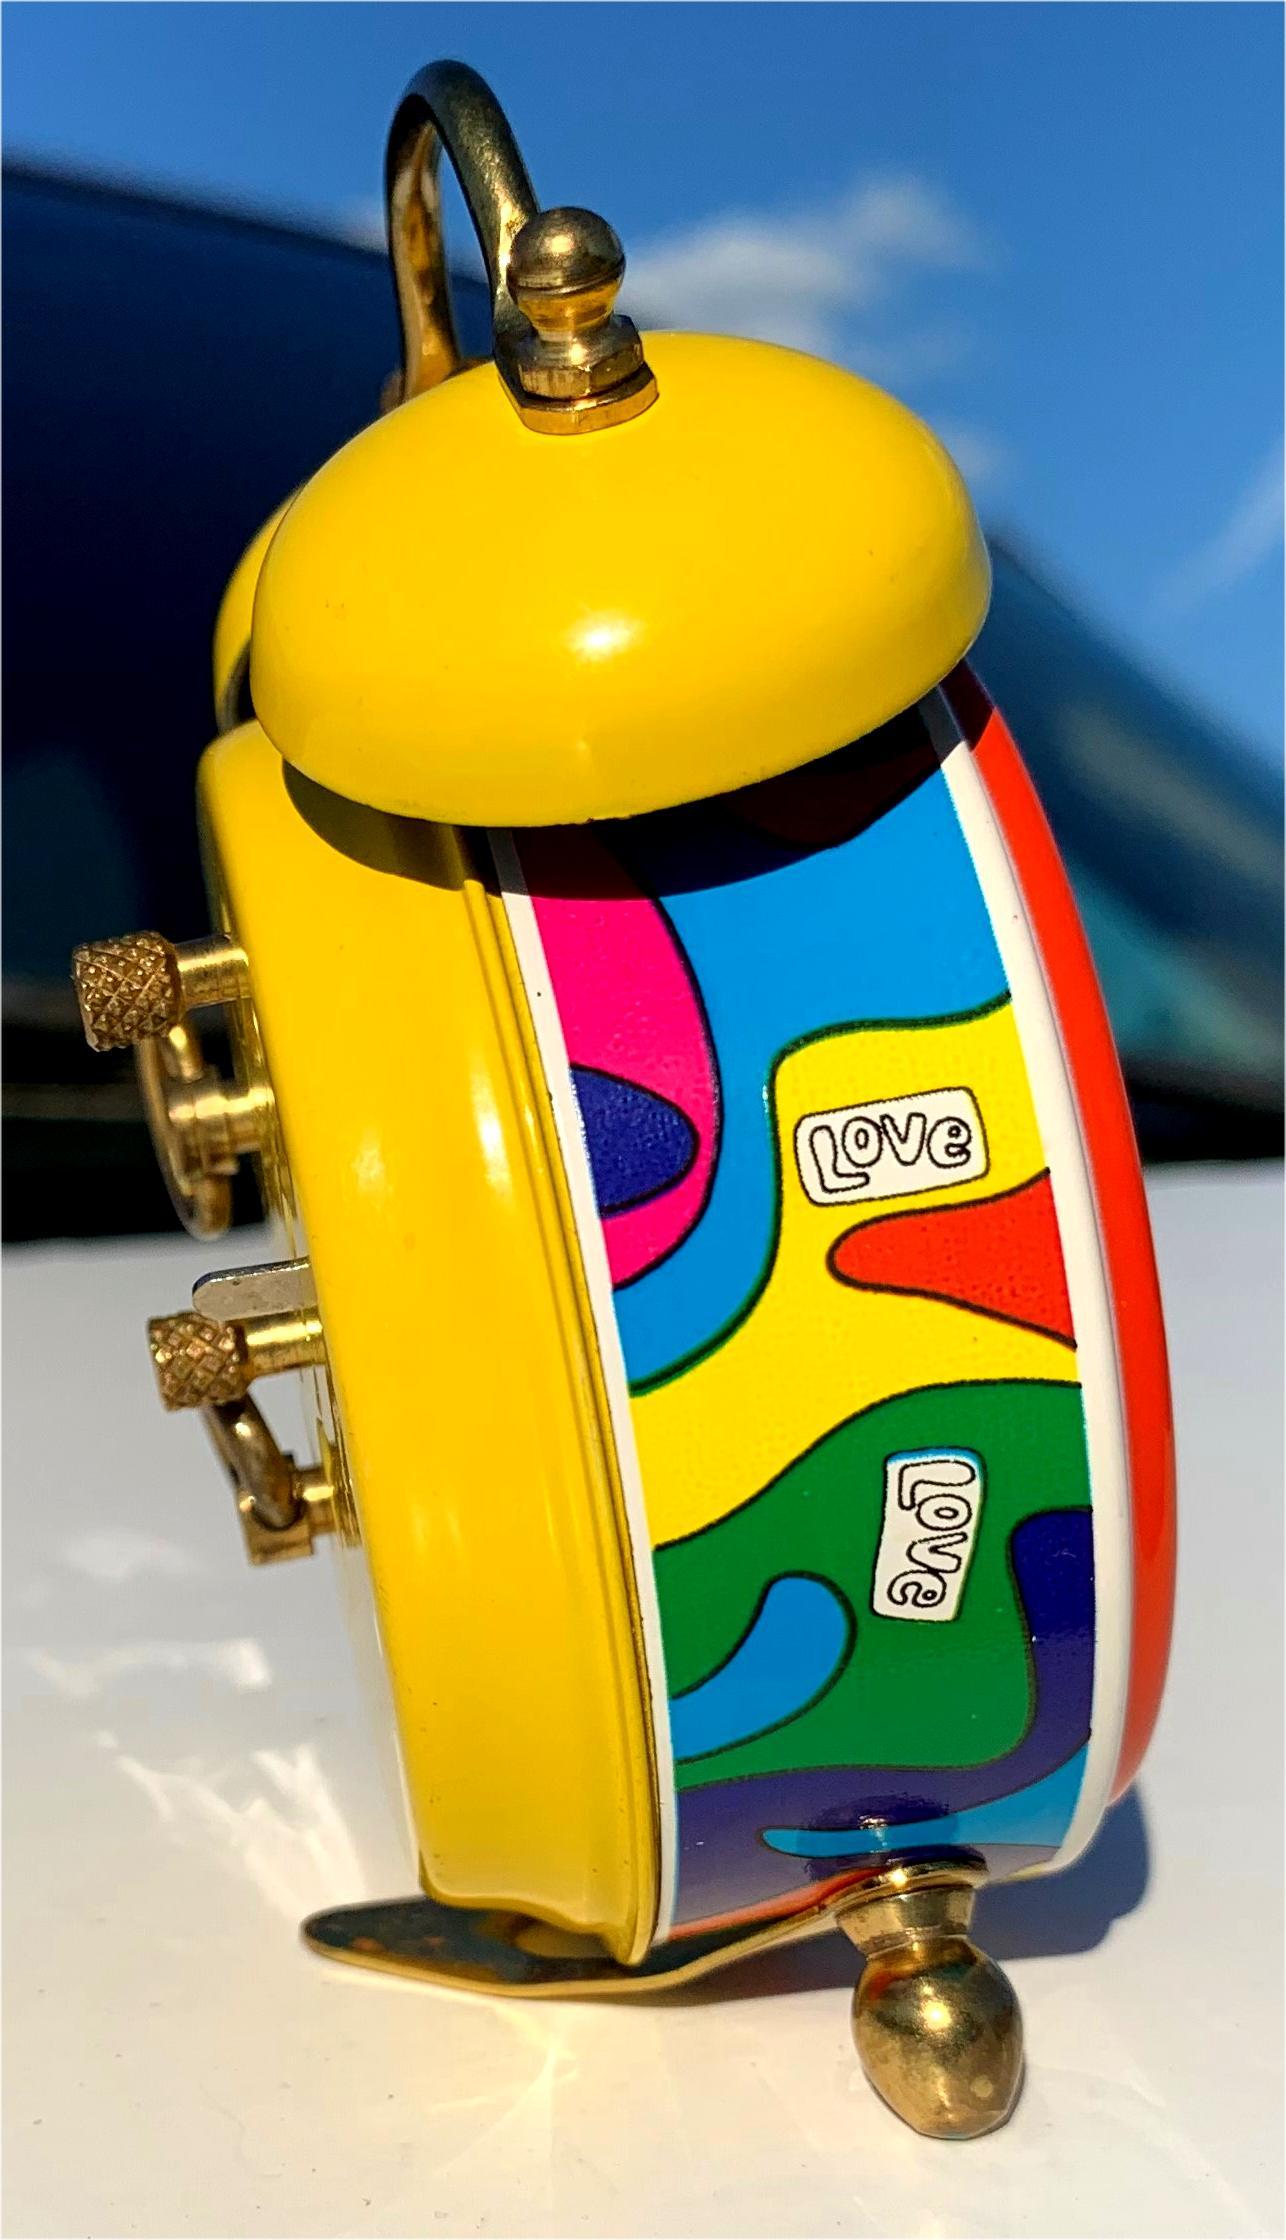 1968 Yellow Submarine